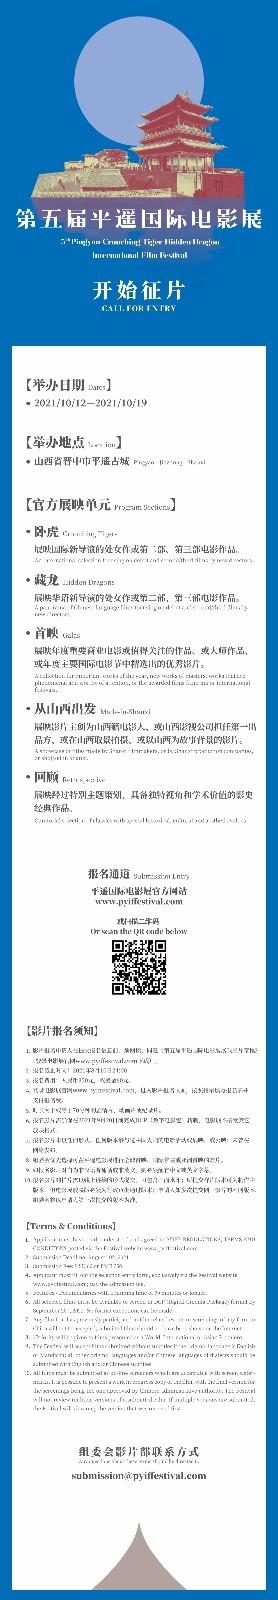 贾樟柯重返平遥 第5届平遥国际电影展10月12日开幕